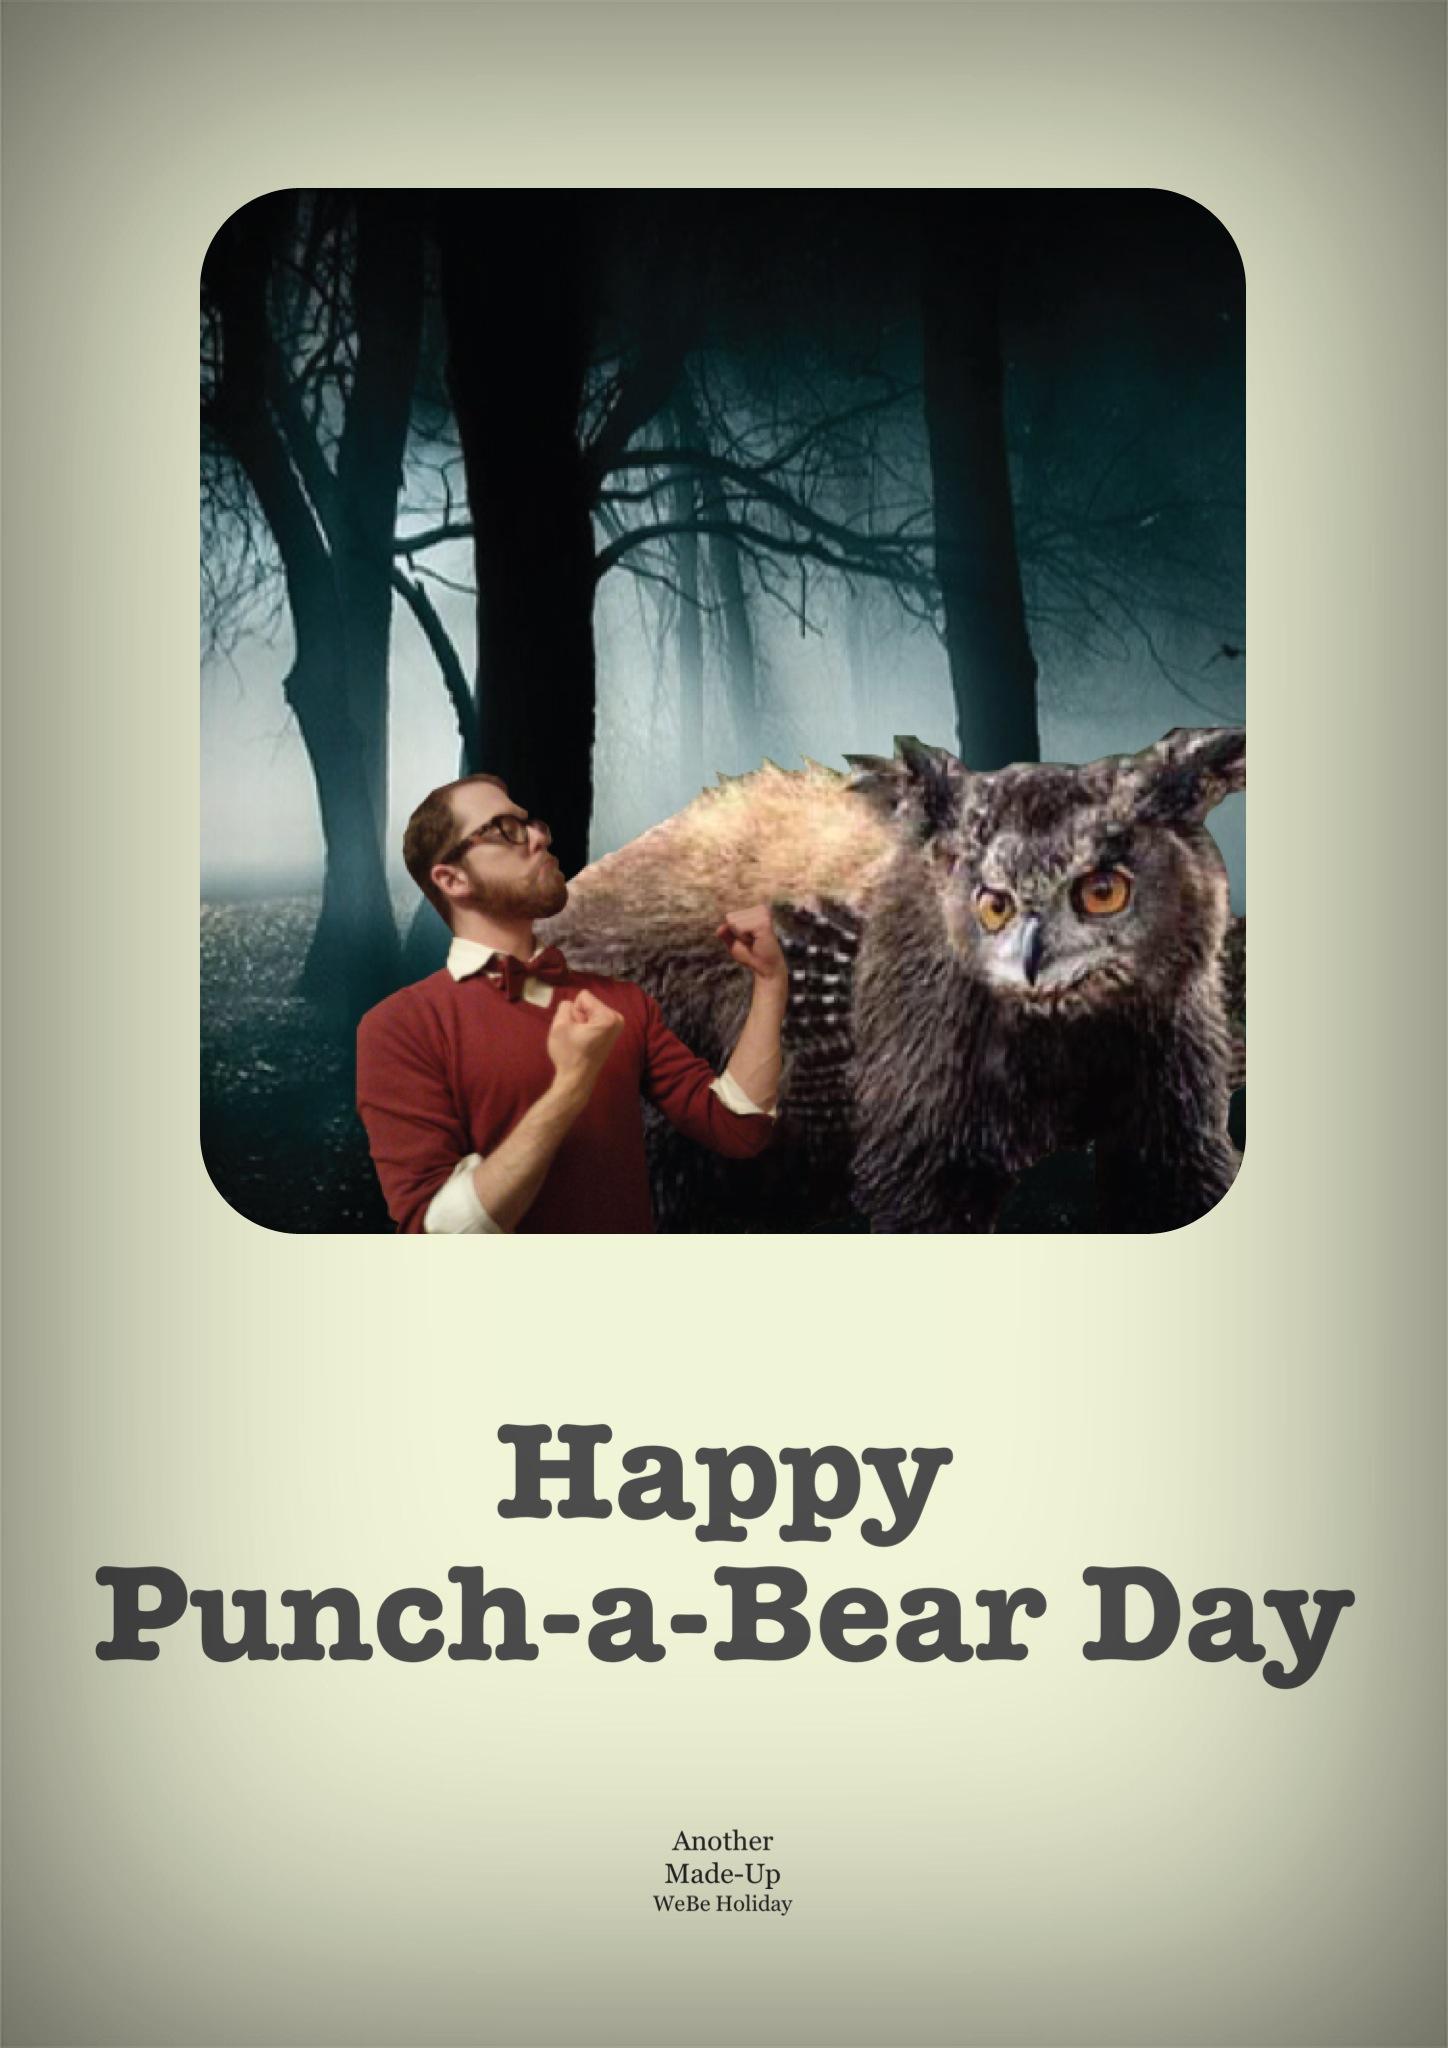 Punch-a-Bear Day 2013 - Jason.jpg